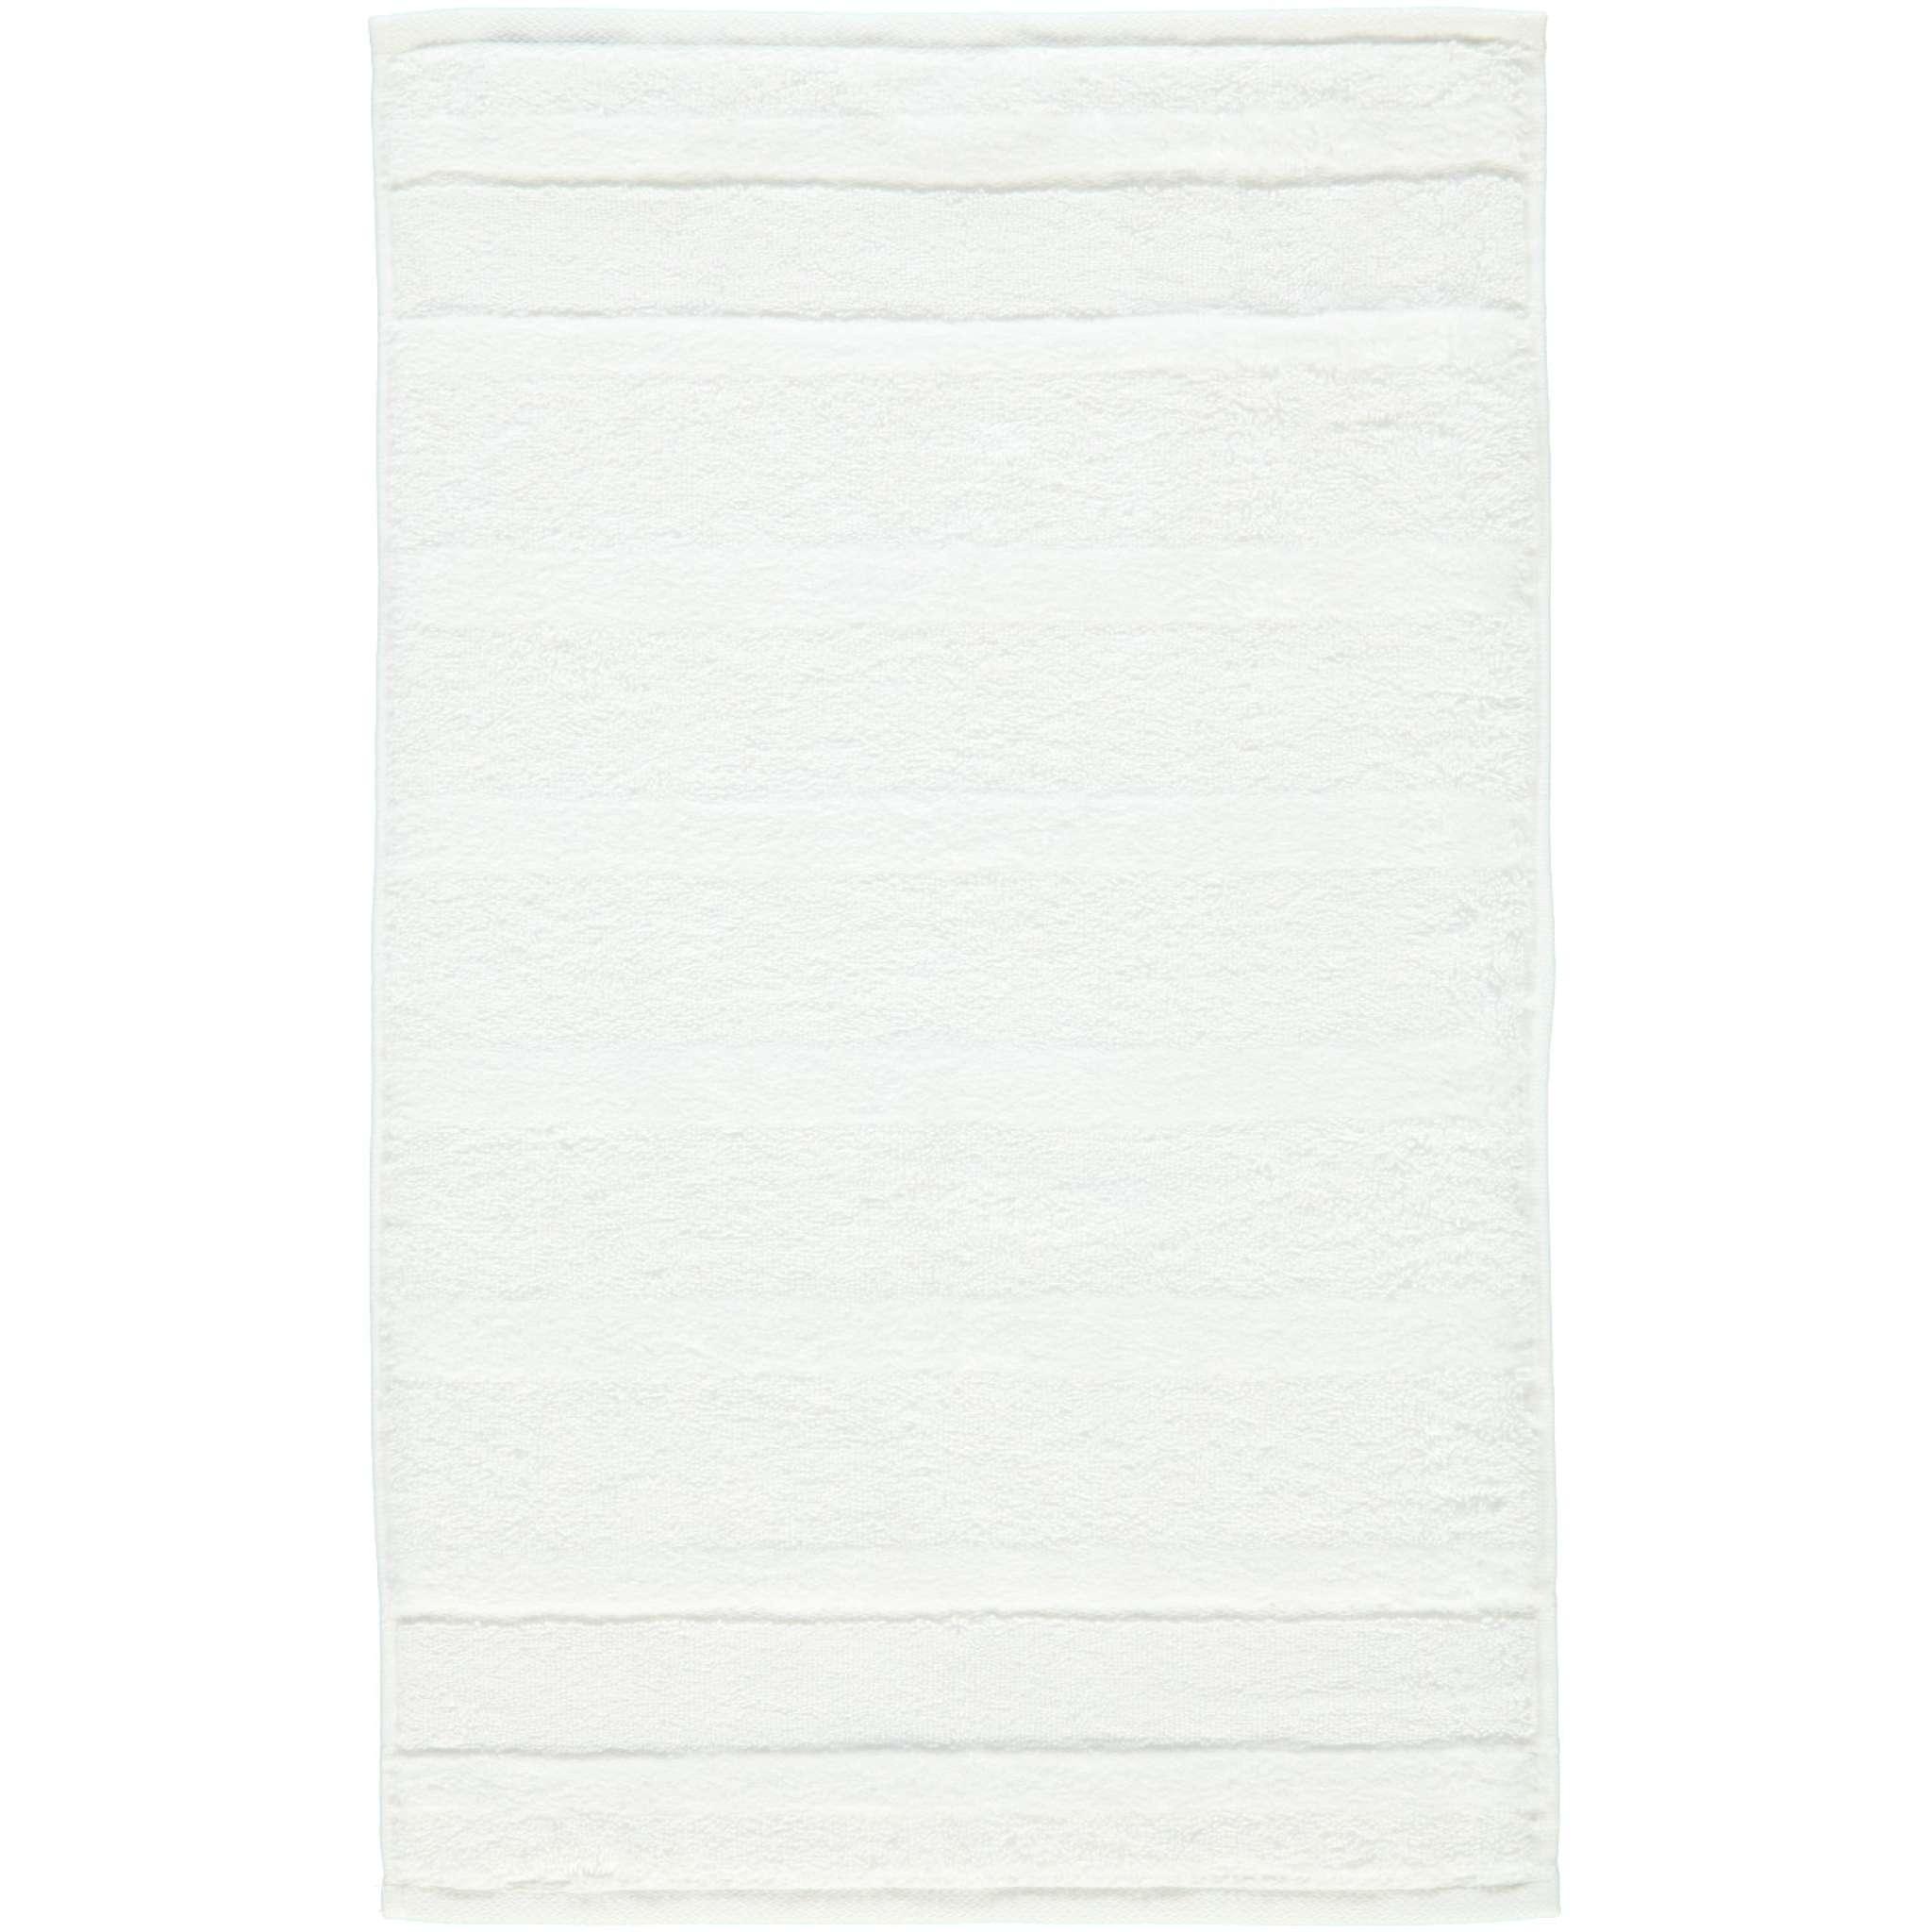 Cawö håndhåndkle, hvit